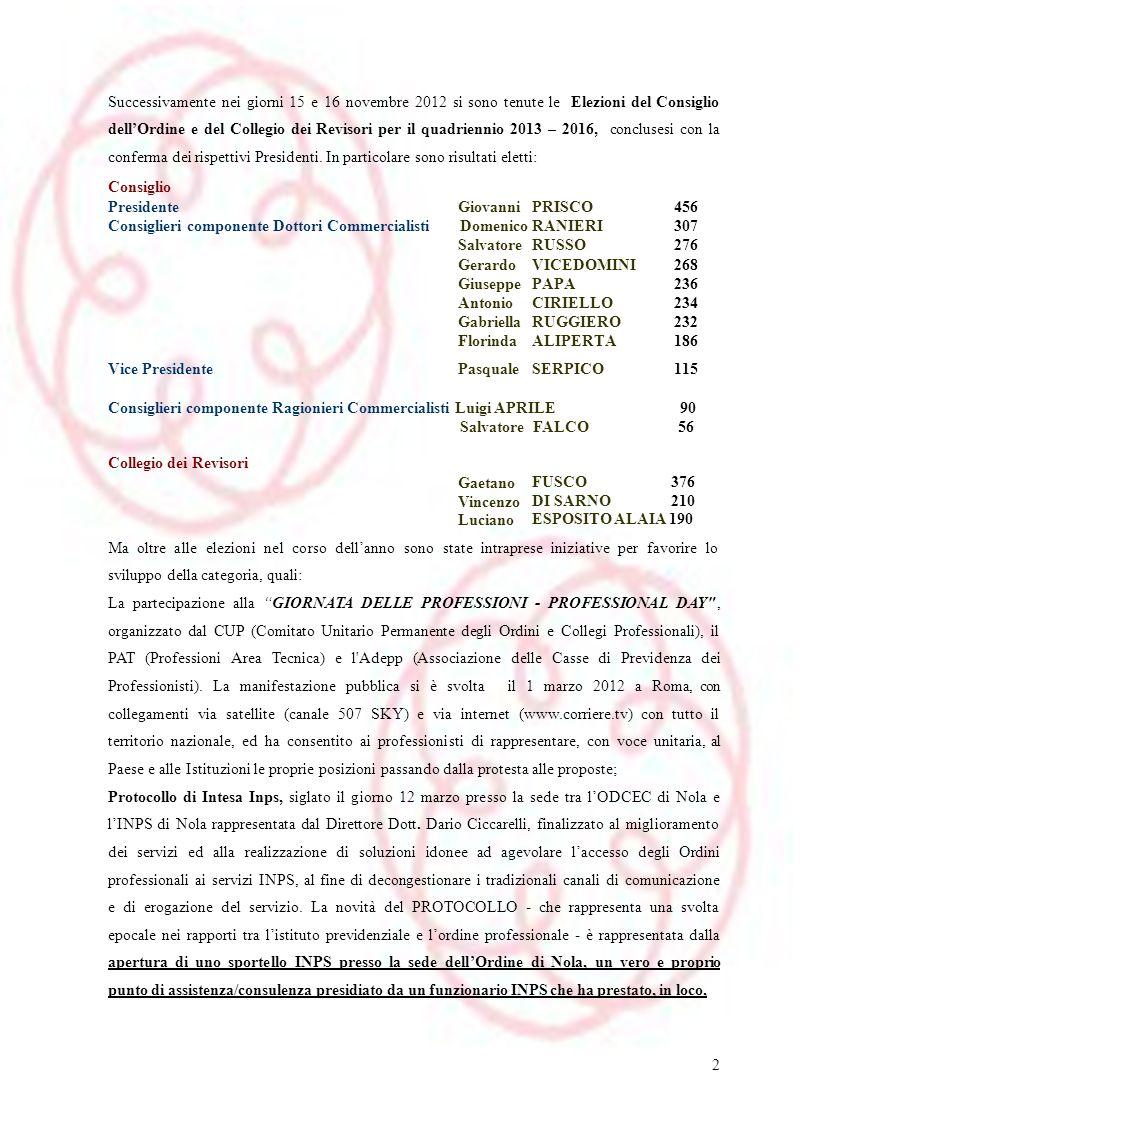 Successivamente nei giorni 15 e 16 novembre 2012 si sono tenute le Elezioni del Consiglio dell'Ordine e del Collegio dei Revisori per il quadriennio 2013 – 2016, conclusesi con la conferma dei rispettivi Presidenti. In particolare sono risultati eletti: